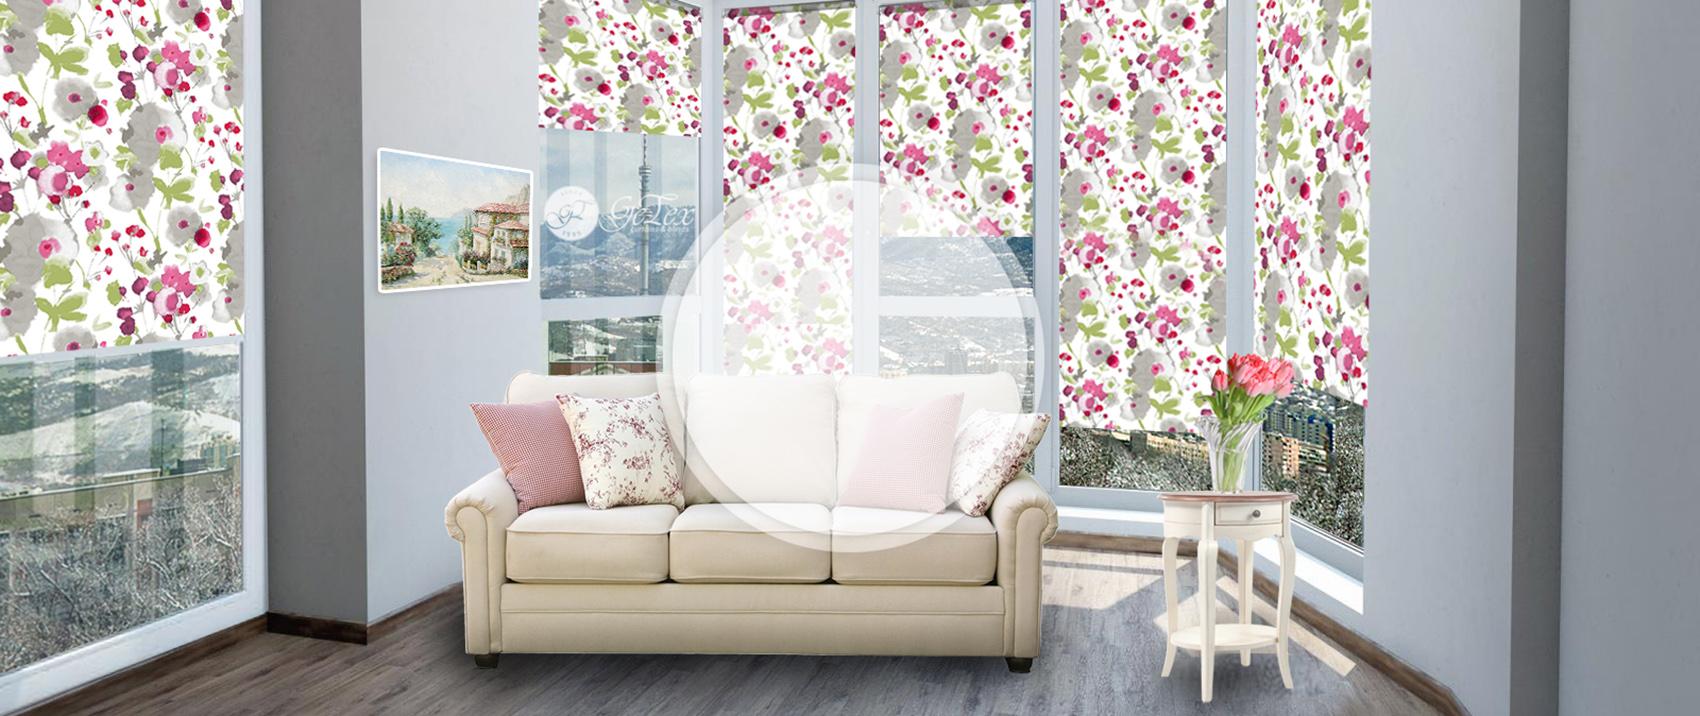 ролл шторы с цветами скидки